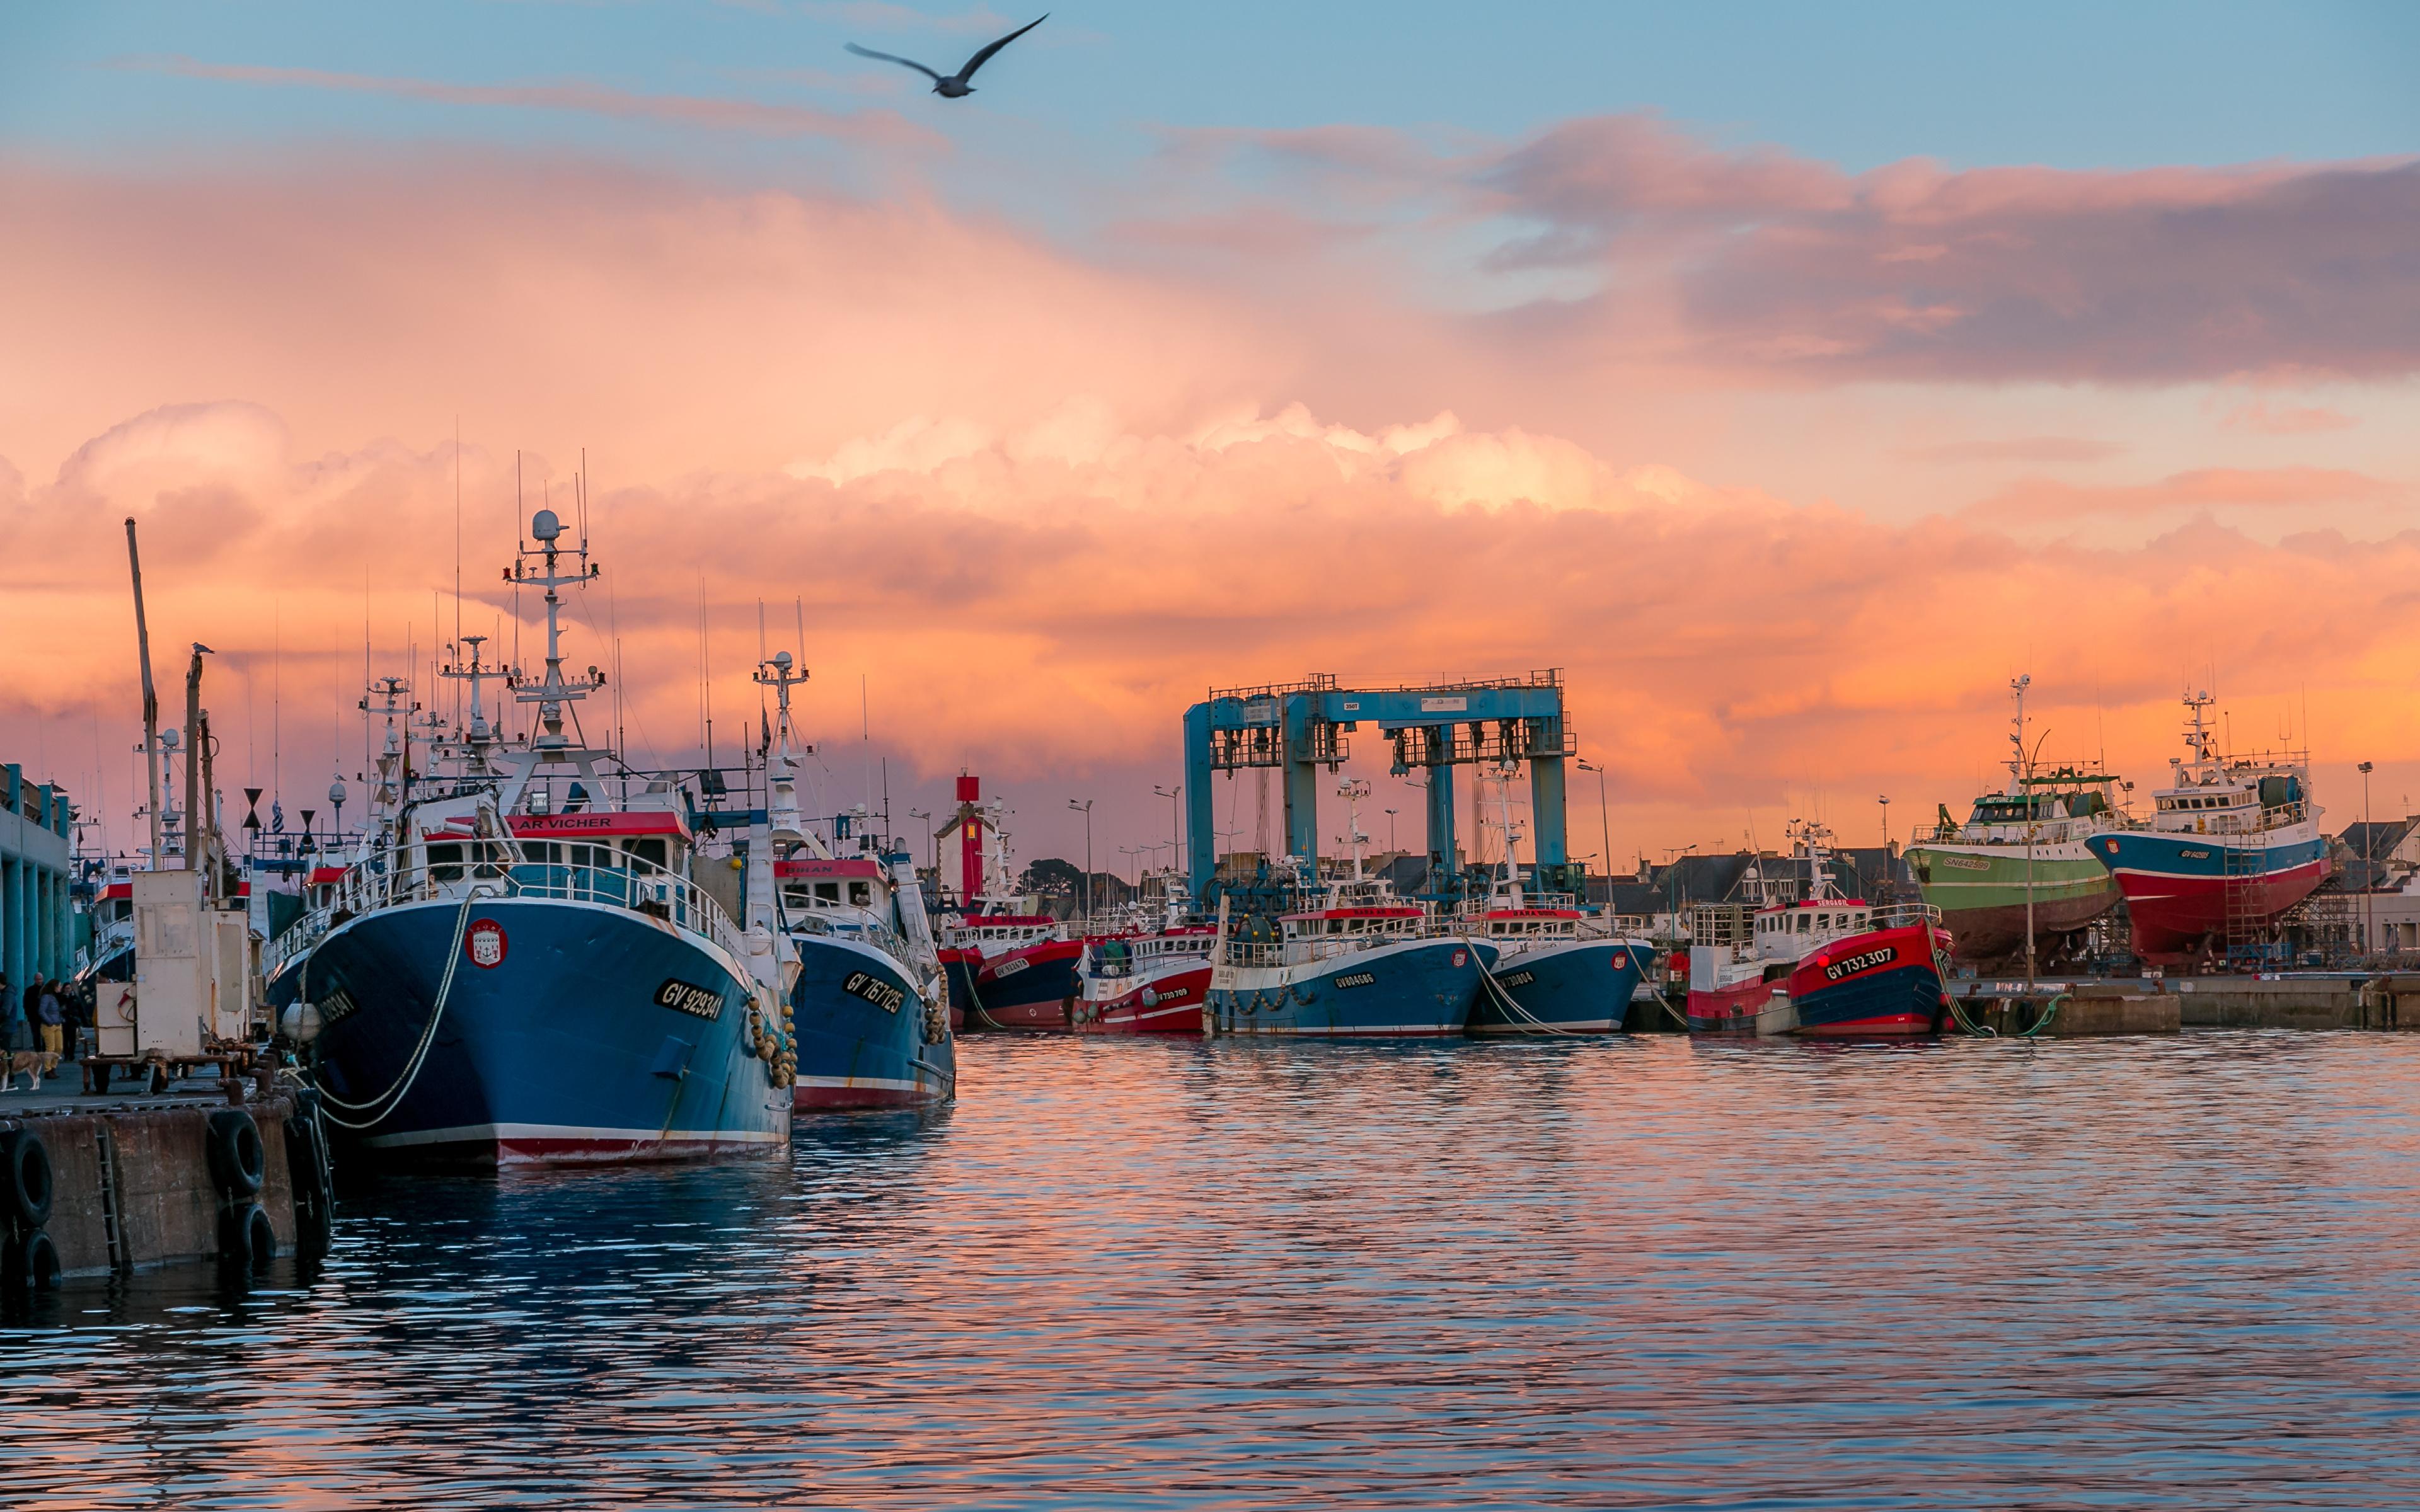 Afbeelding Frankrijk Guilvinec Brittany Natuur Schepen Zonsopgangen en zonsondergangen Een baai aanlegsteiger 3840x2400 schip ligplaats Jachthaven